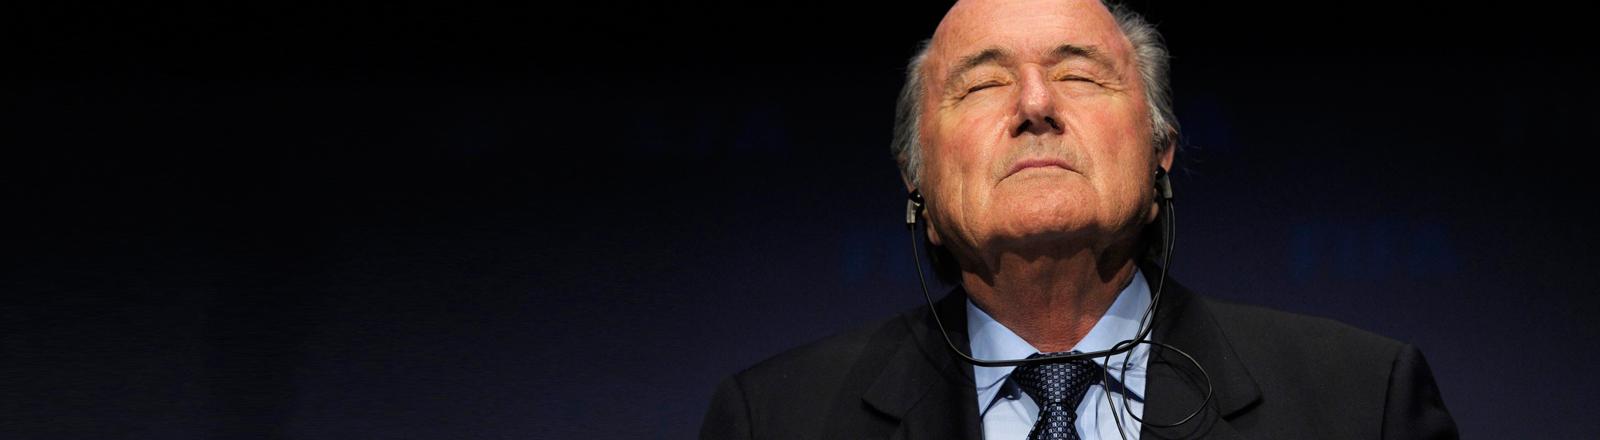 Fifa-Präsident Sepp Blatter nimmt seinen Abschied.